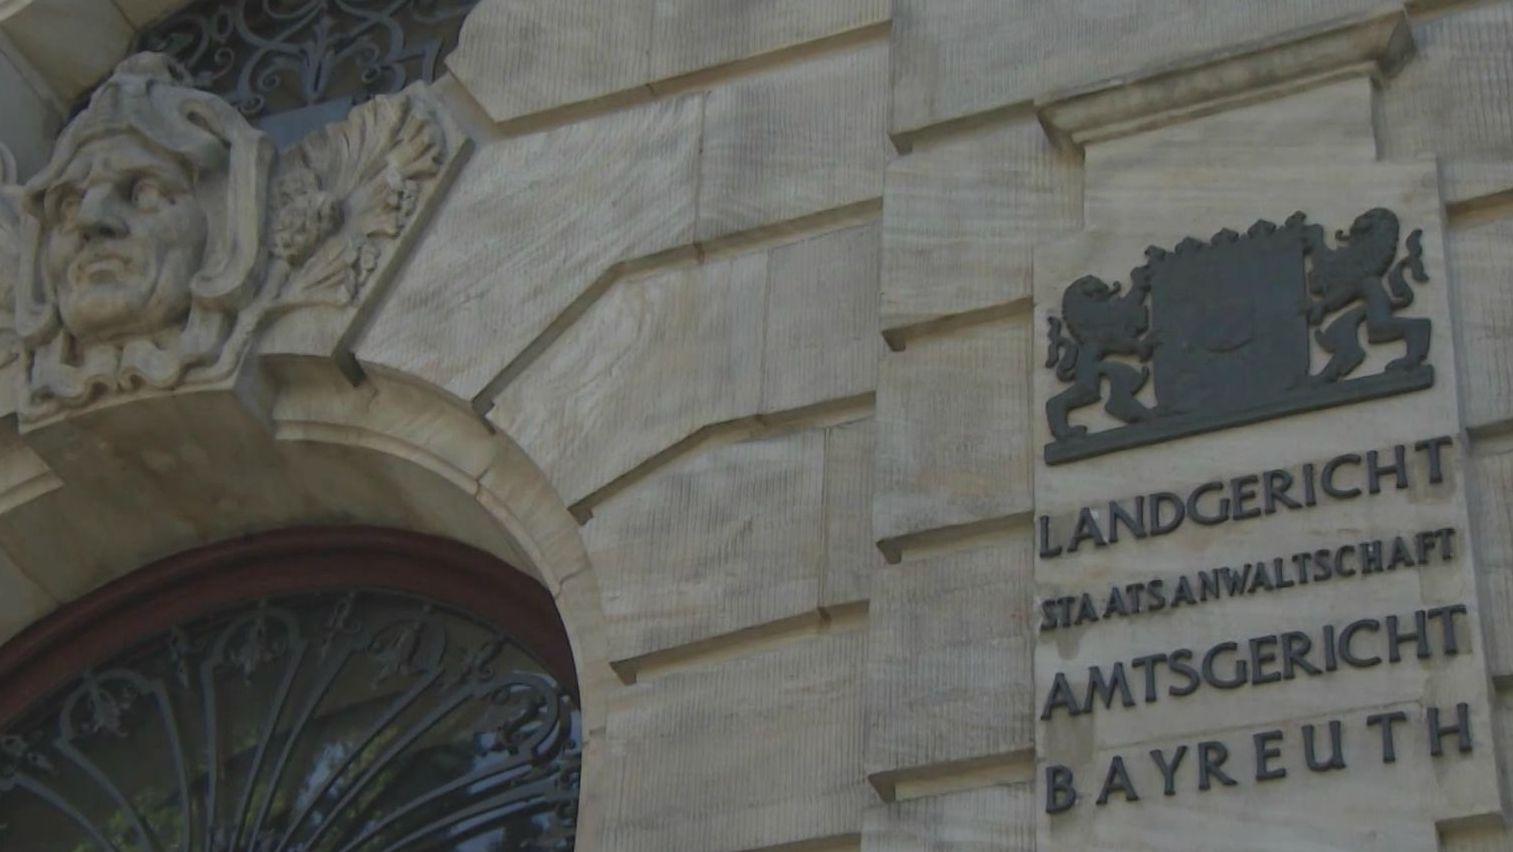 """Die Fassade des Justizpalats Bayreuth mit der Aufschrift """"Landgericht, Staatsanwaltschaft, Amtsgericht Bayreuth"""""""